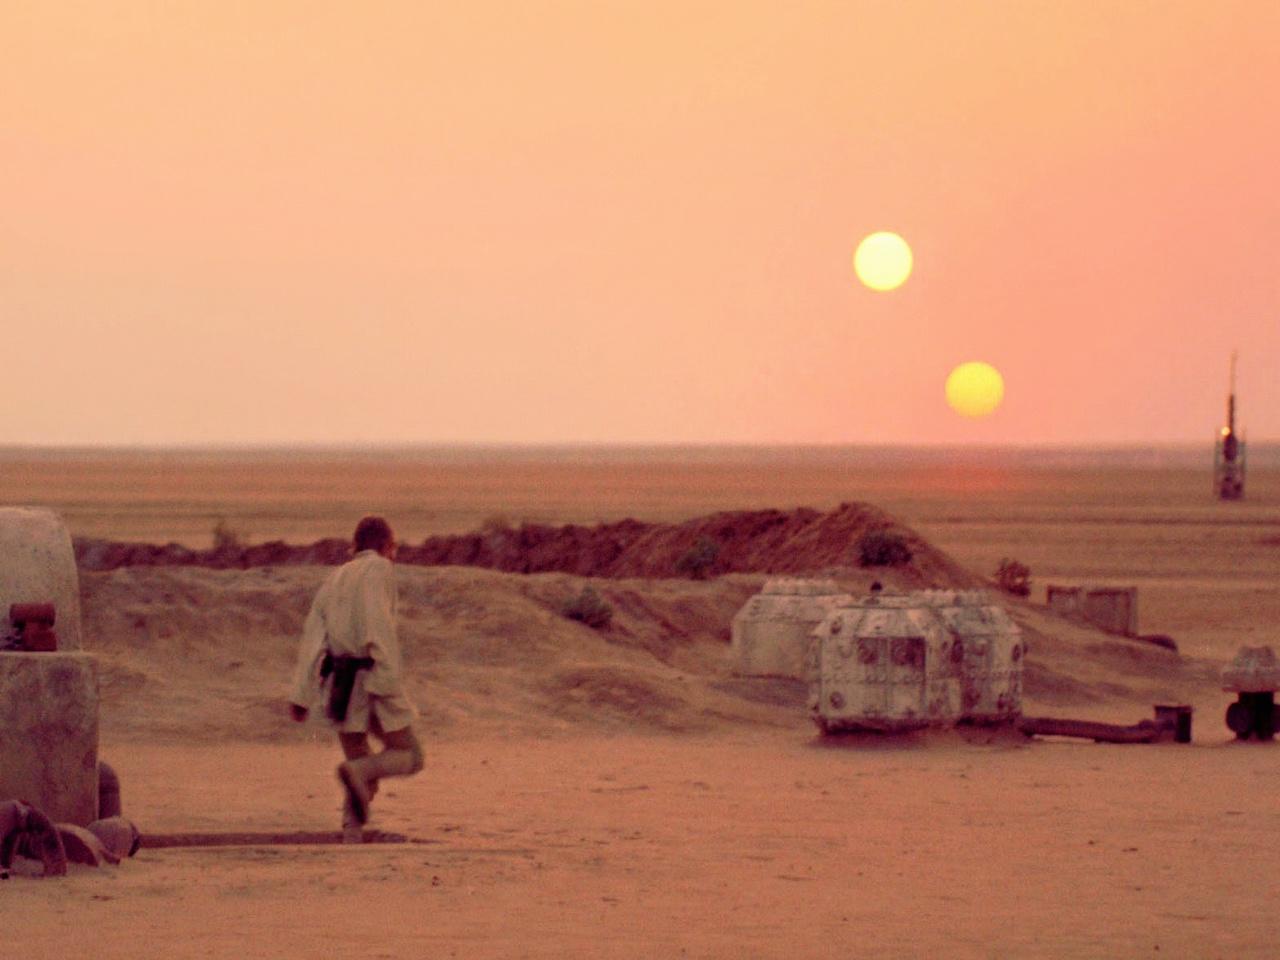 star-wars-sol-tonocosmos